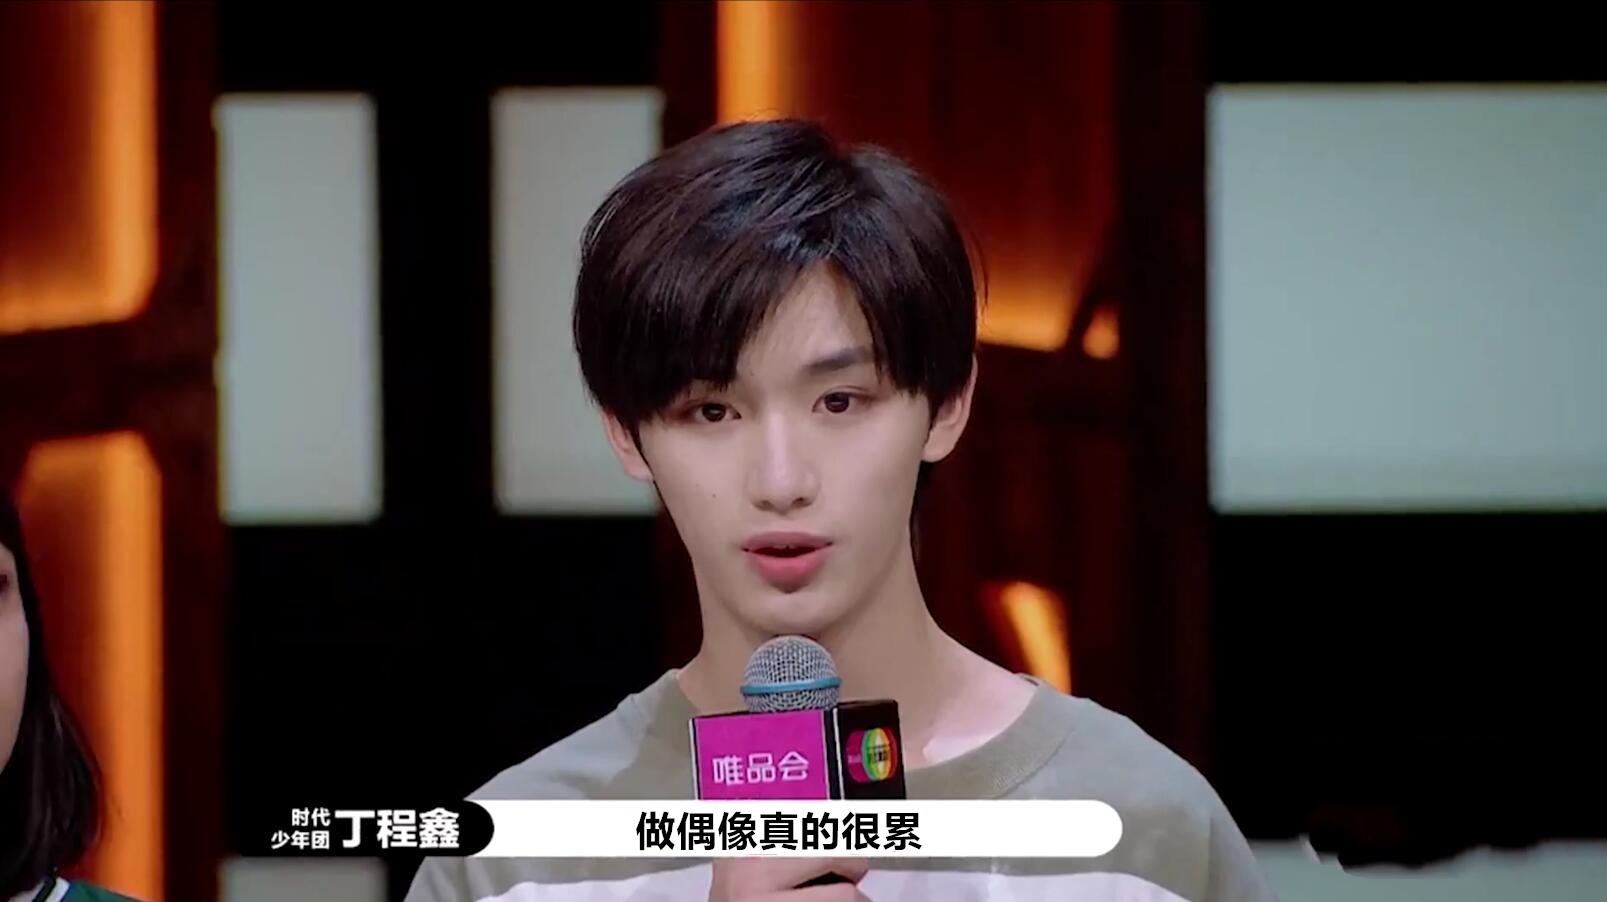 丁程鑫说做偶像很累,为何他不放弃呢?关键是他想走都很难